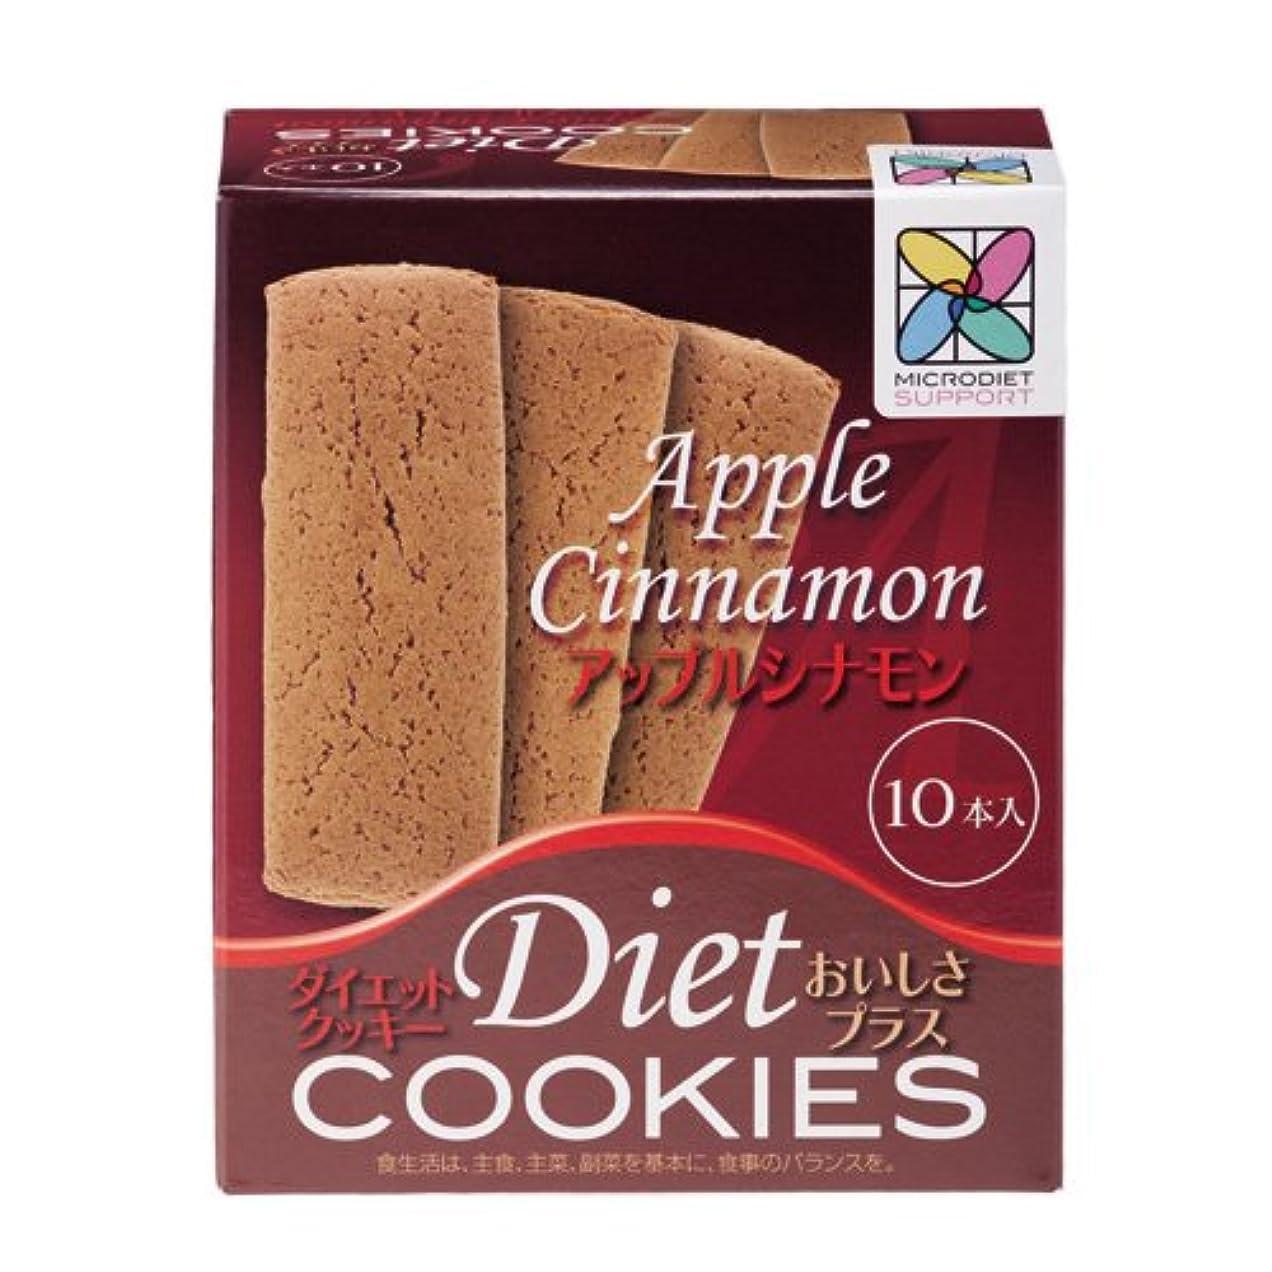 怠惰等描写ダイエットクッキーおいしさプラス(アップルシナモン:1箱)(03754)